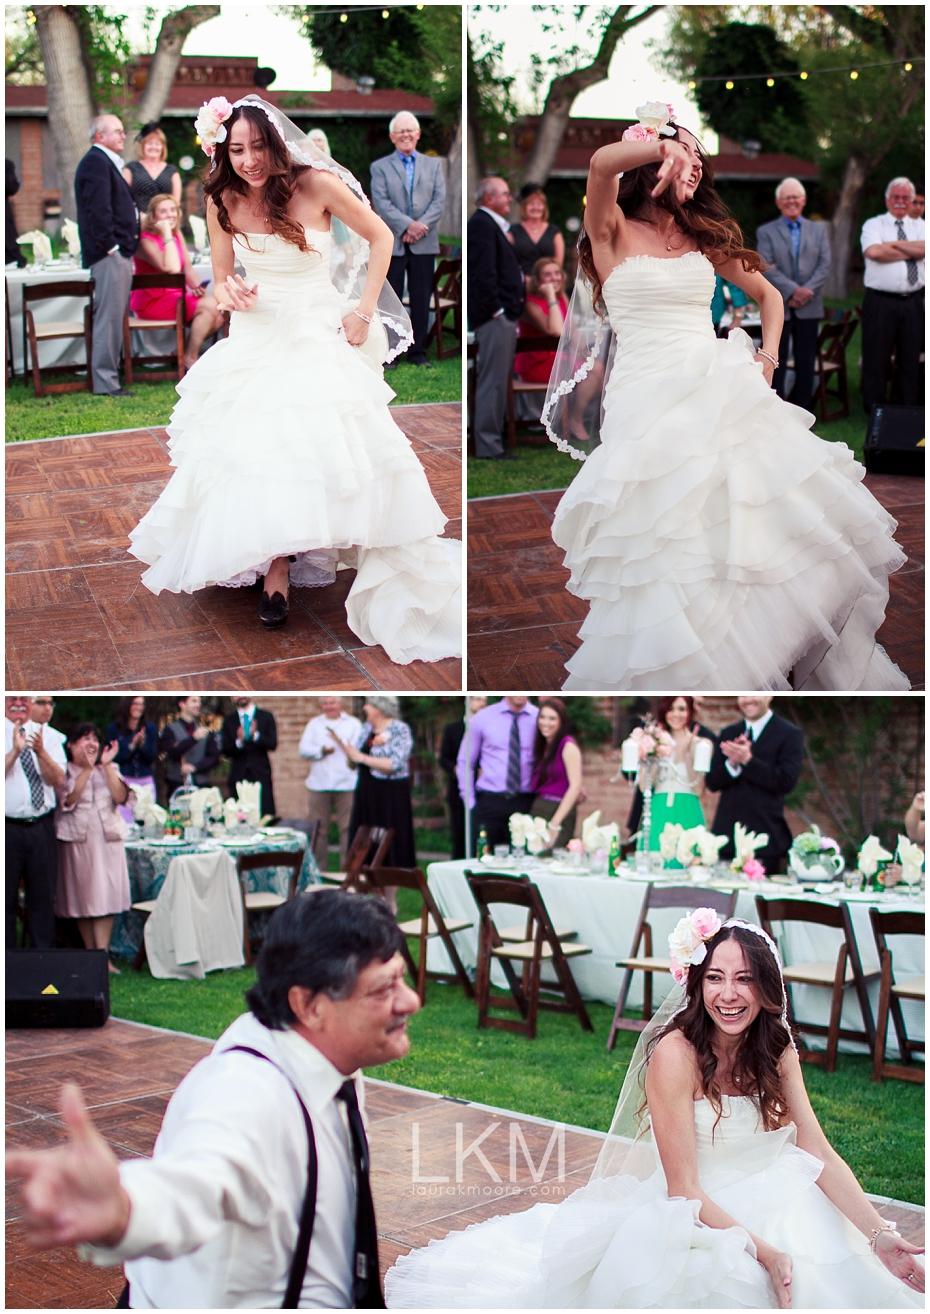 agua-linda-farm-alice-in-wonderland-tucson-wedding-photographer_0053.jpg